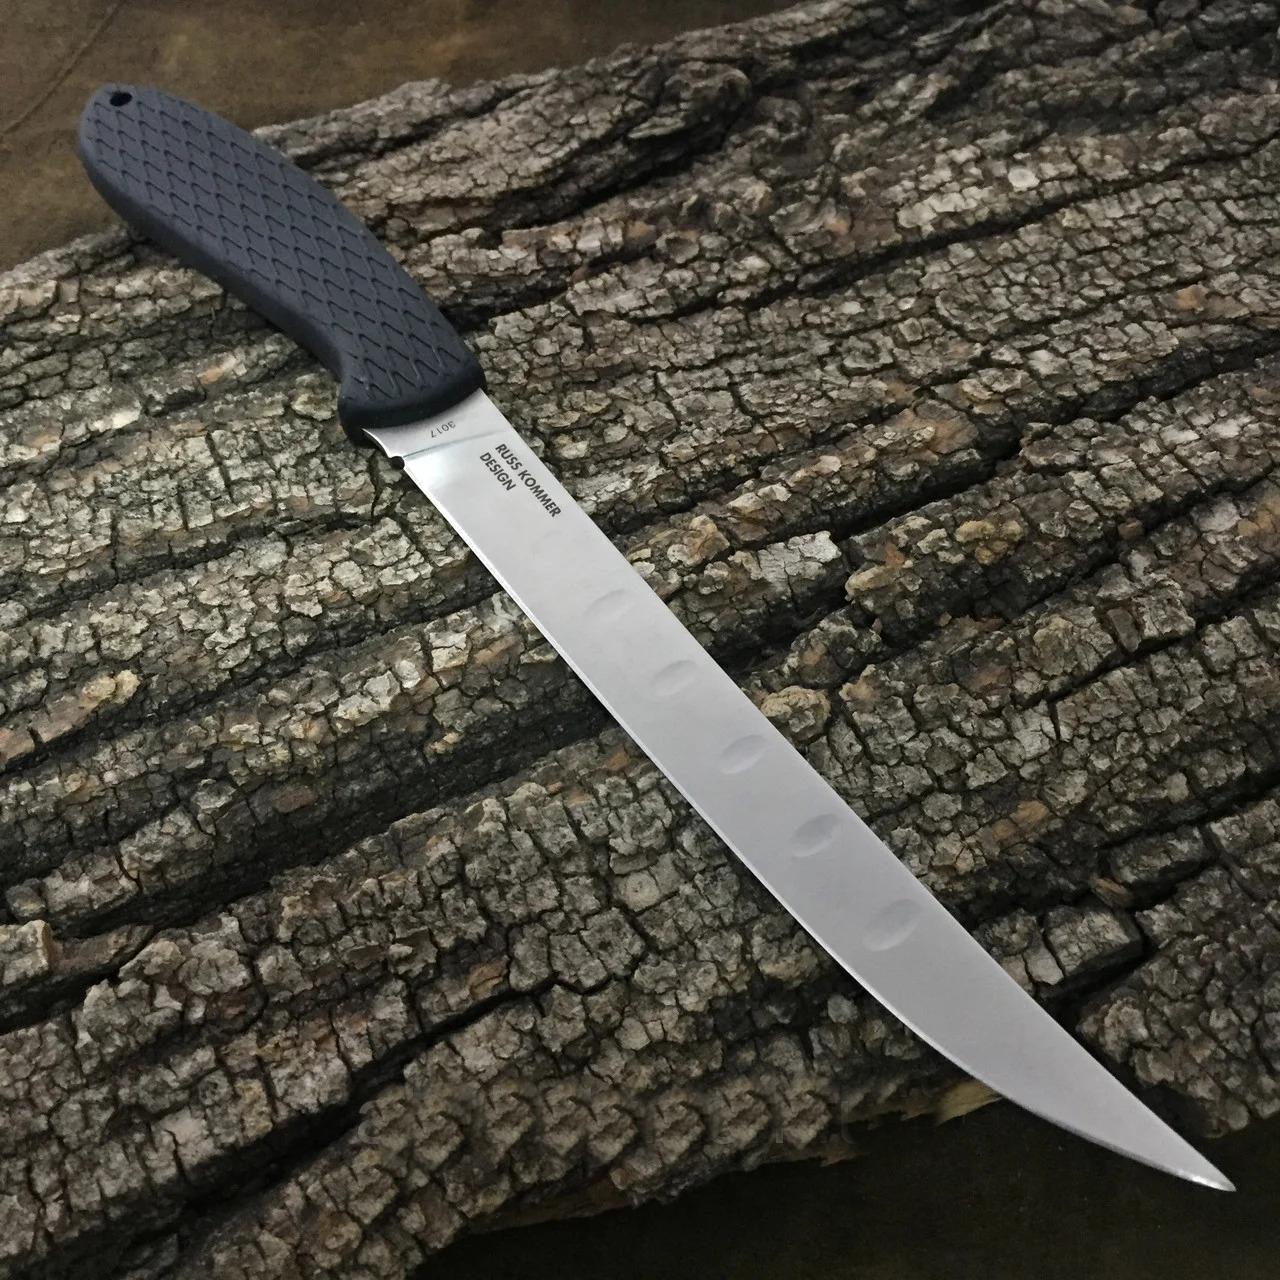 Фото 7 - Филейный нож CRKT 3017C Fillet, сталь 5Cr15MoV, рукоять полипропилен